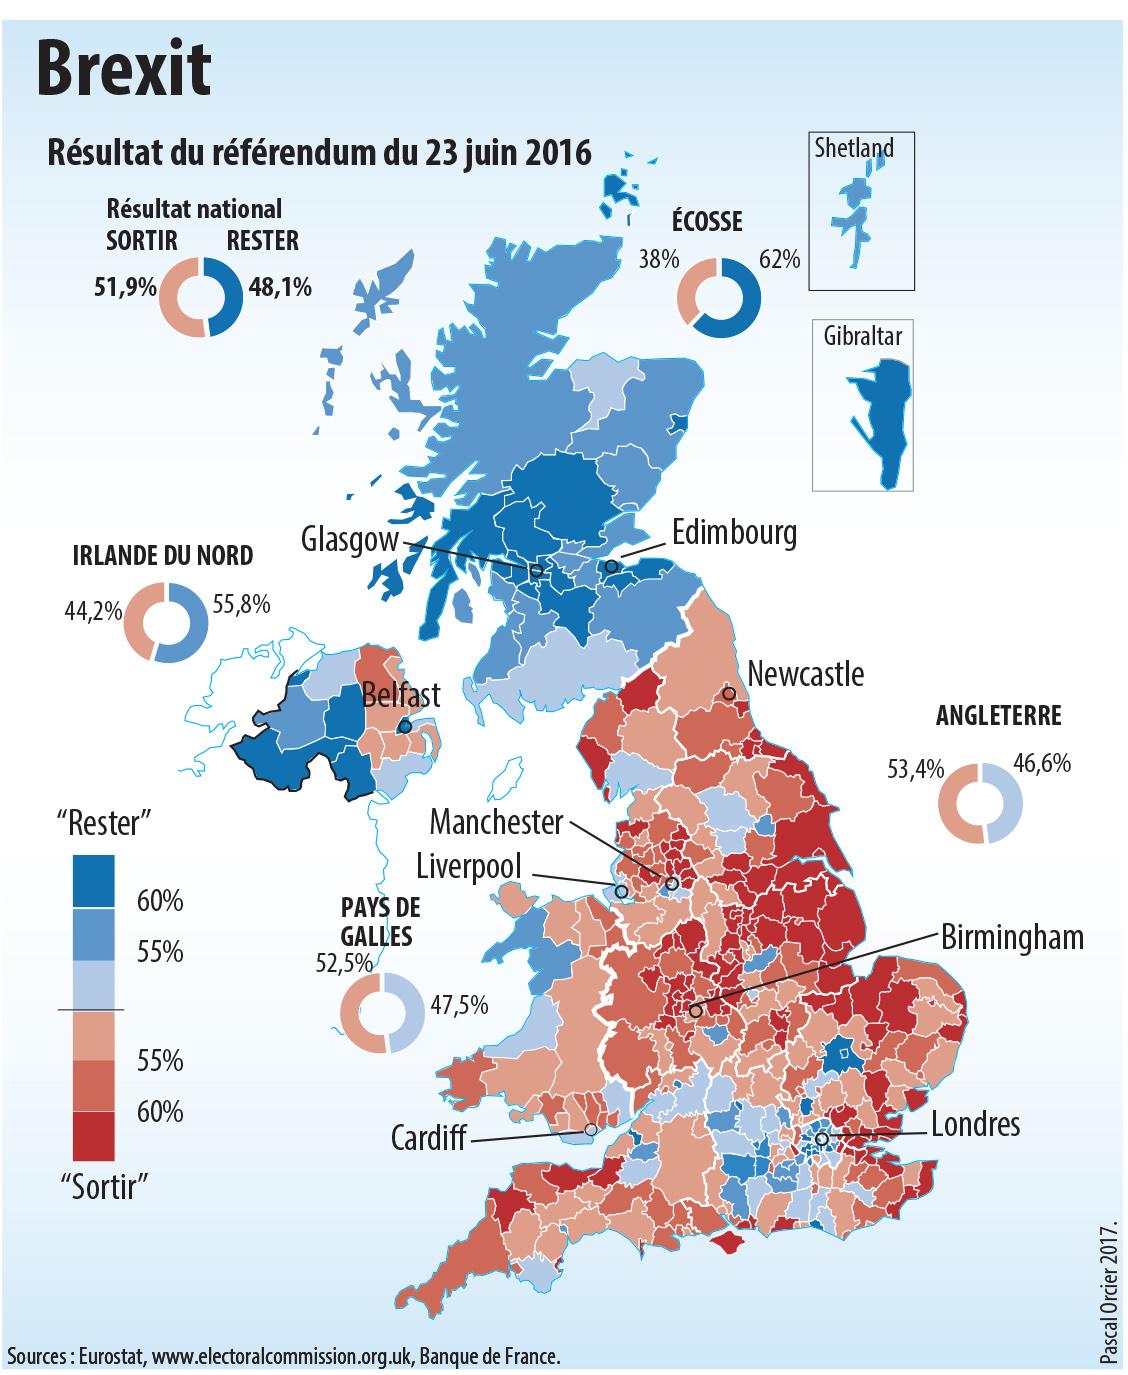 Brexit carte du référendum de 2016